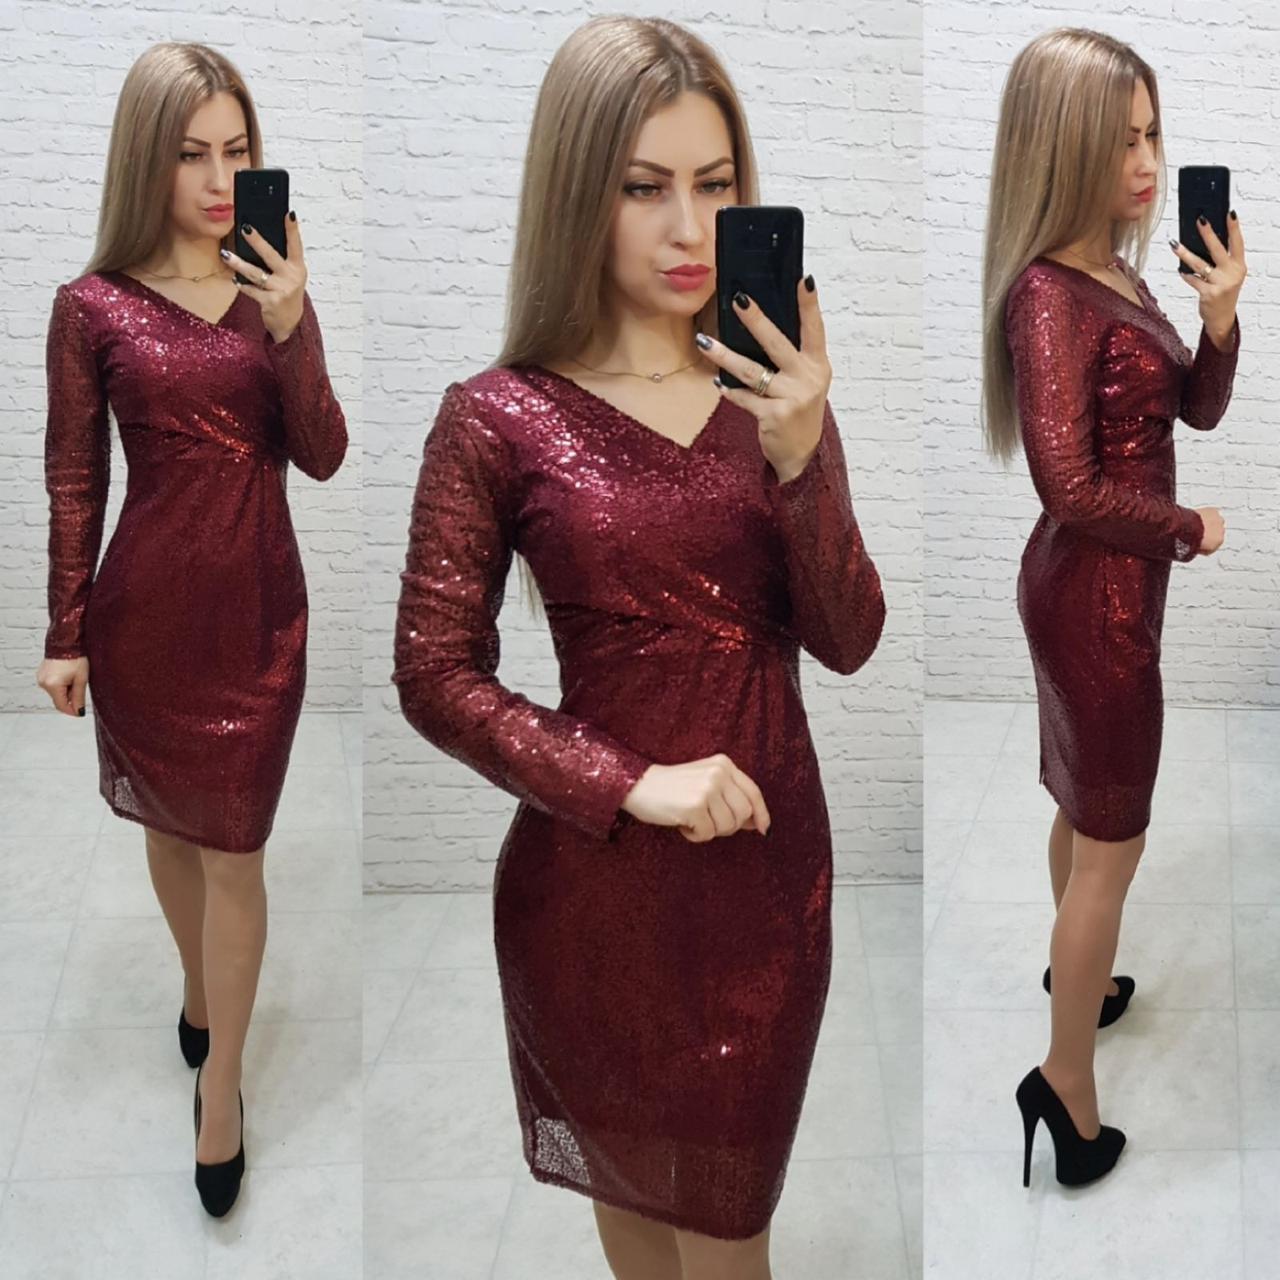 Ошатне жіночне плаття з V-подібним вирізом, арт 139, бордового кольору, колір марсала